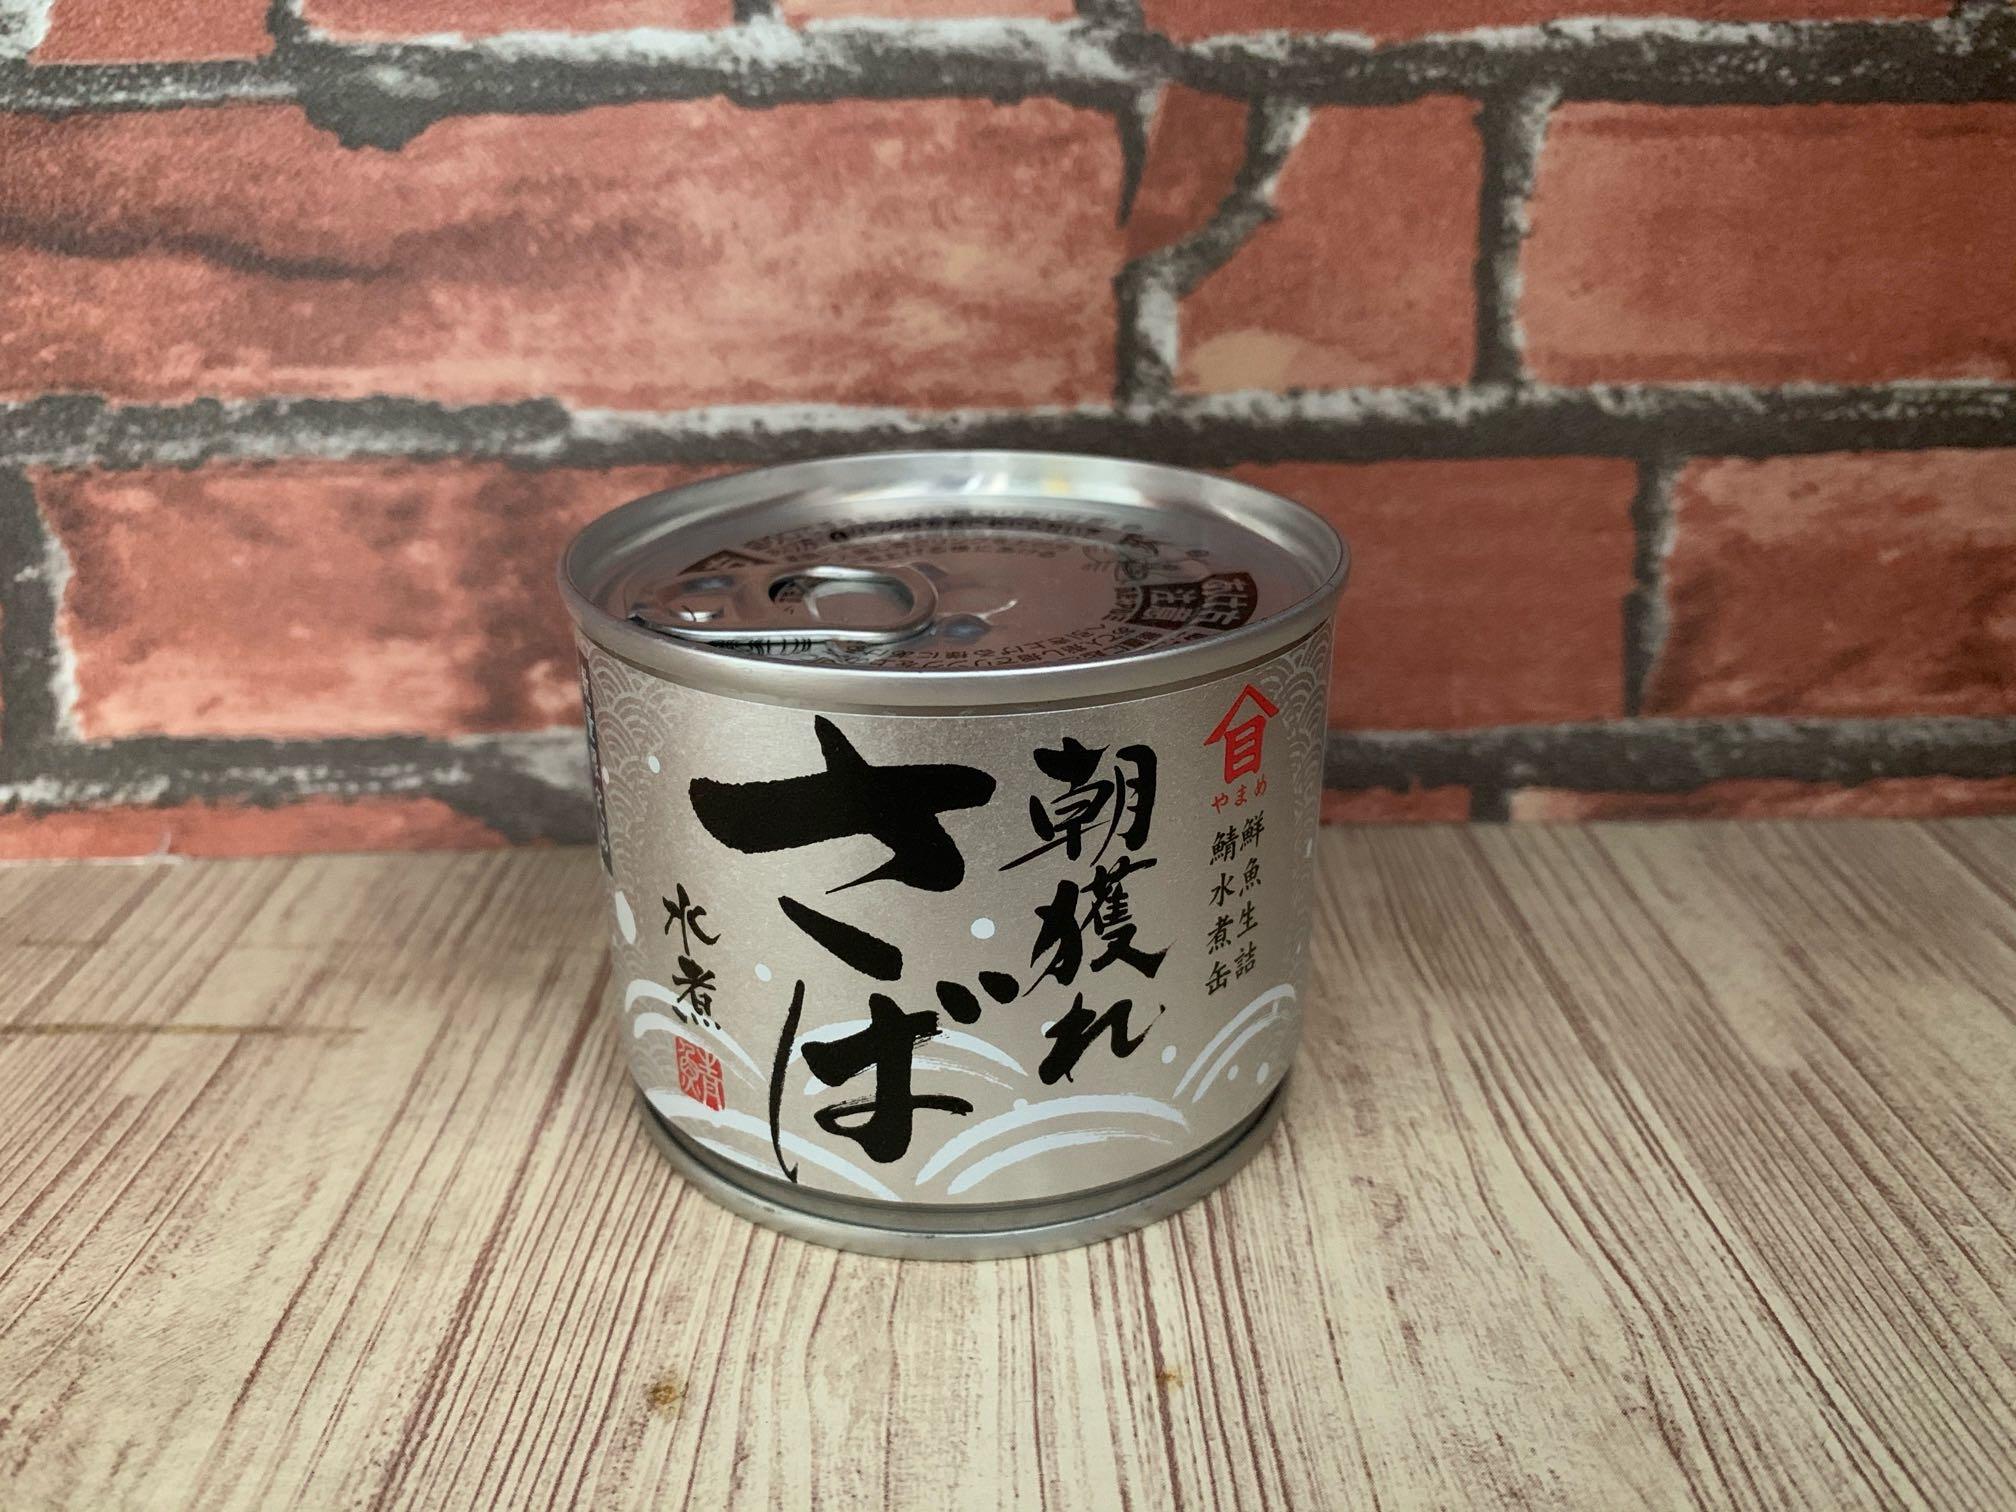 高木商店の定番鯖缶「朝獲れさば 水煮」を食レポしてみた。【5つ星評価、味】